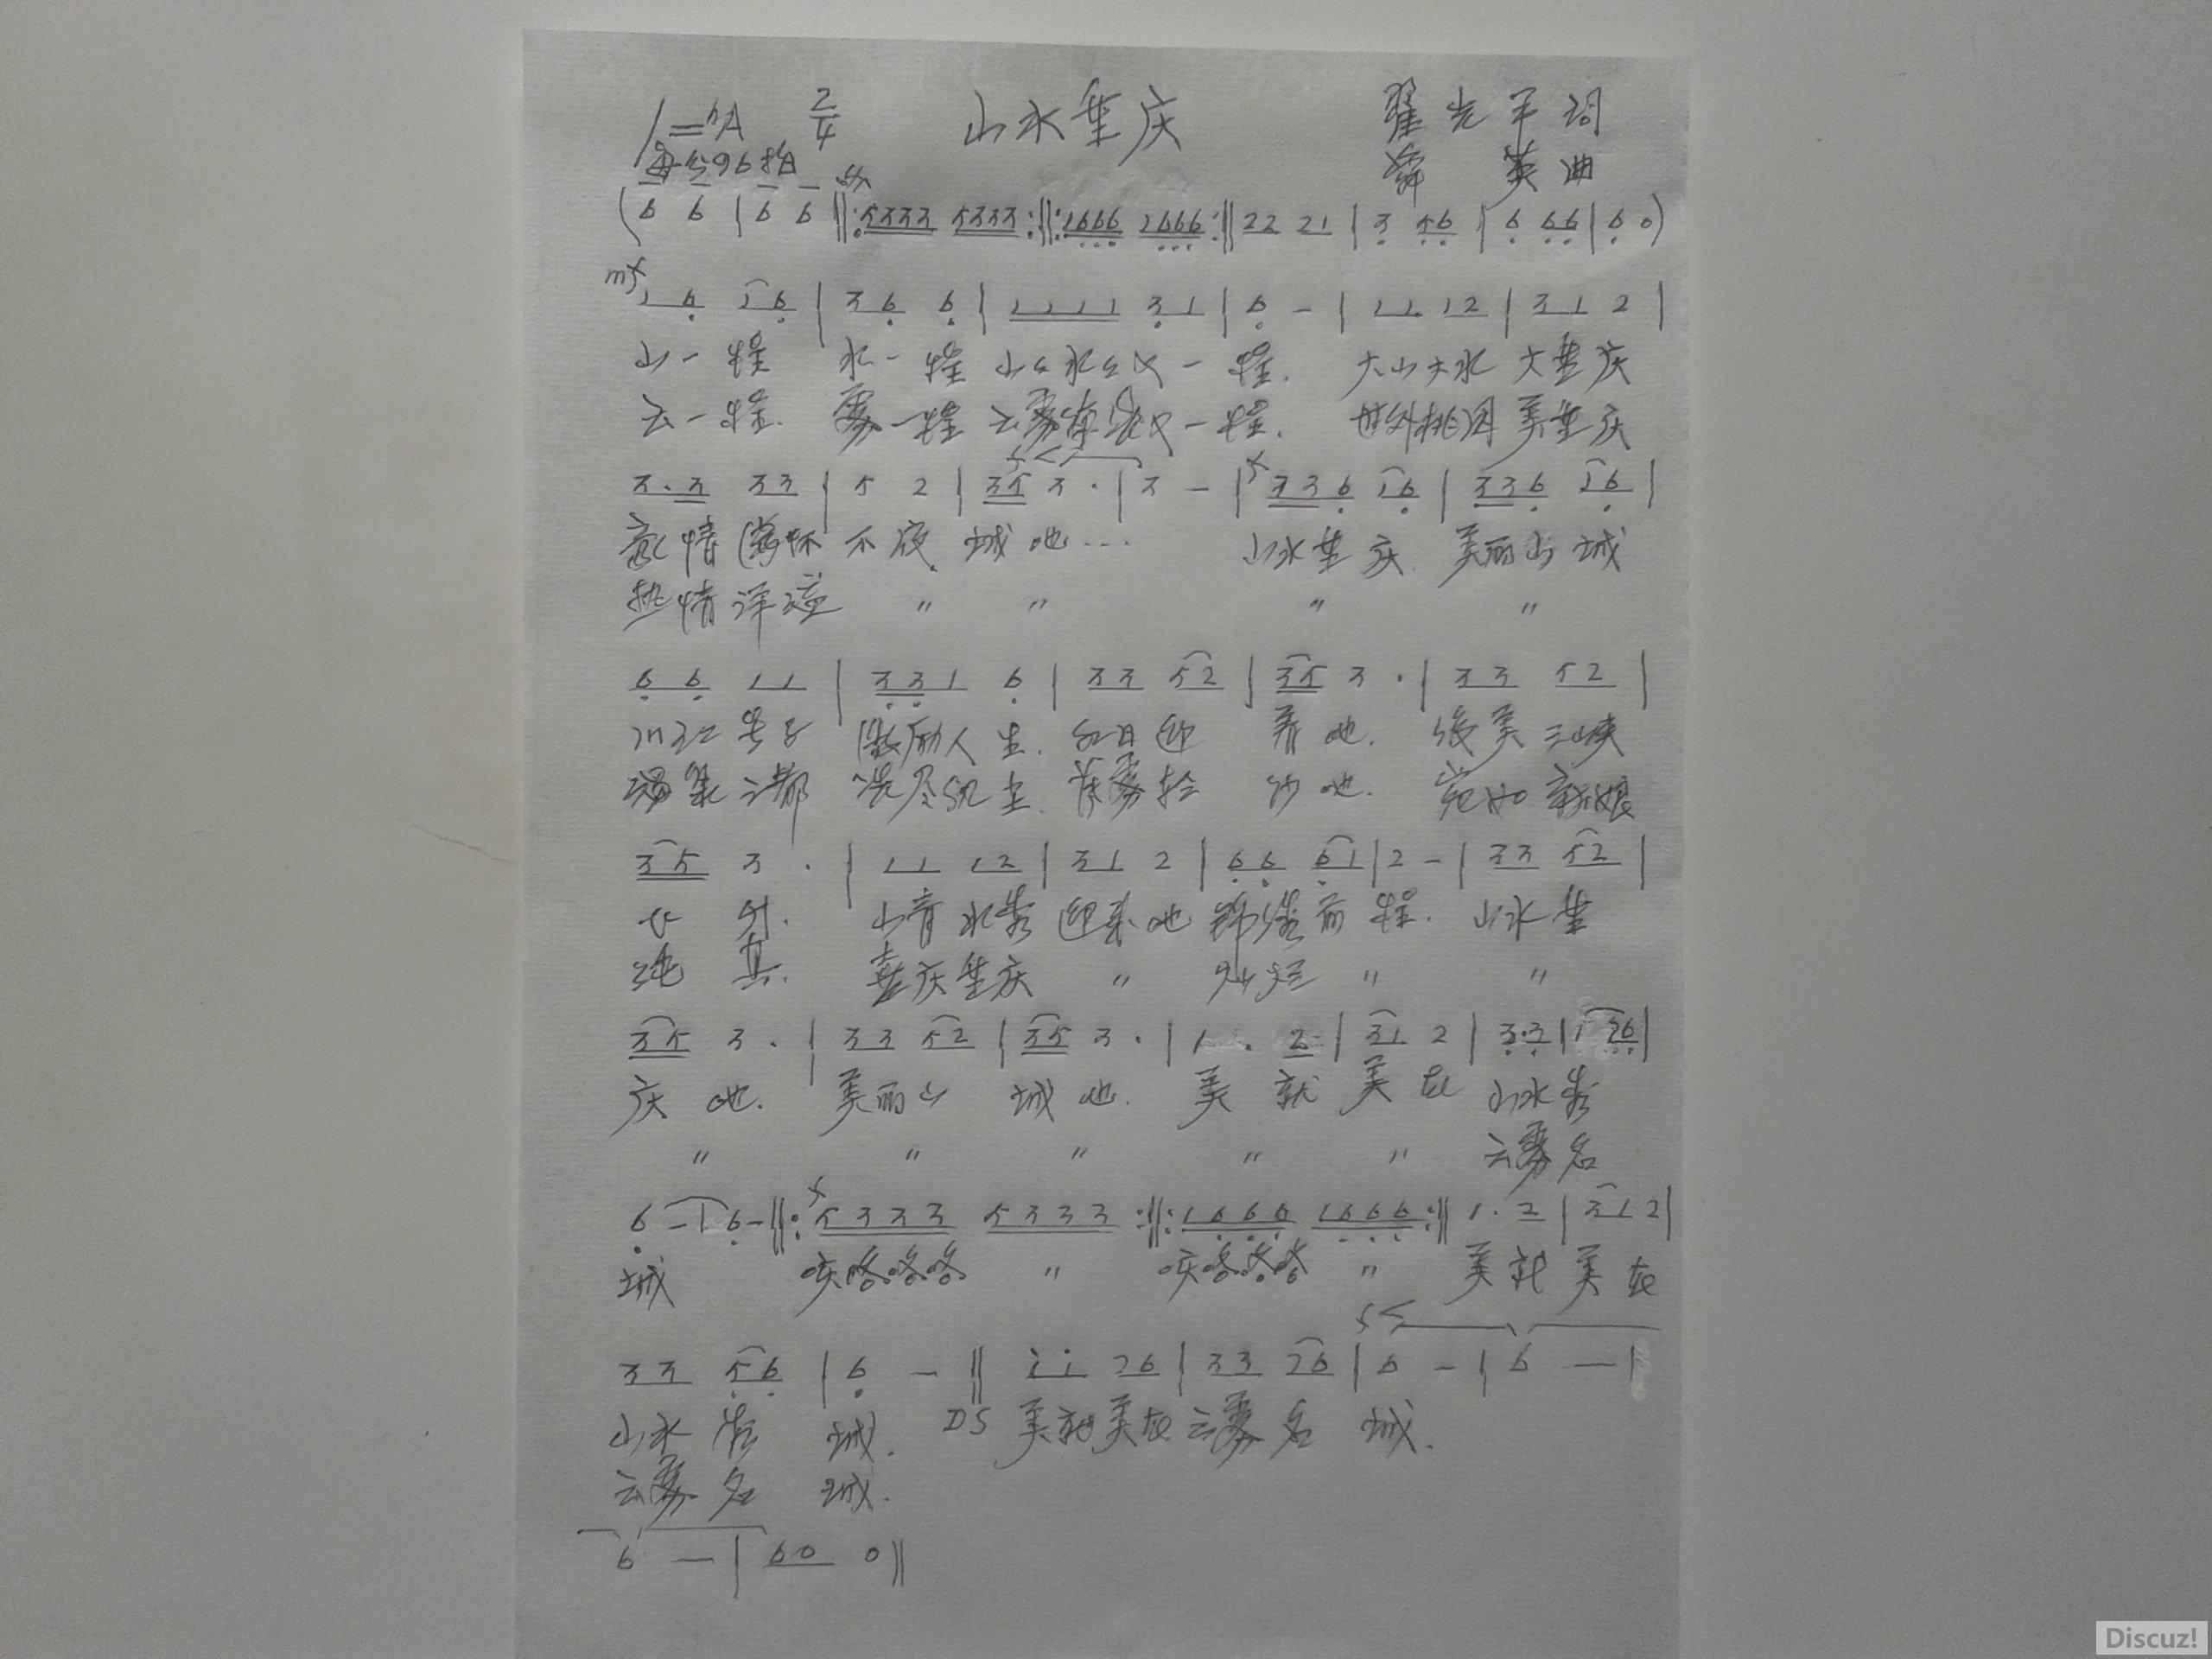 平水号子谱子-原创音乐曲谱 山水重庆 光平词奇峰曲 Powered by Discuz